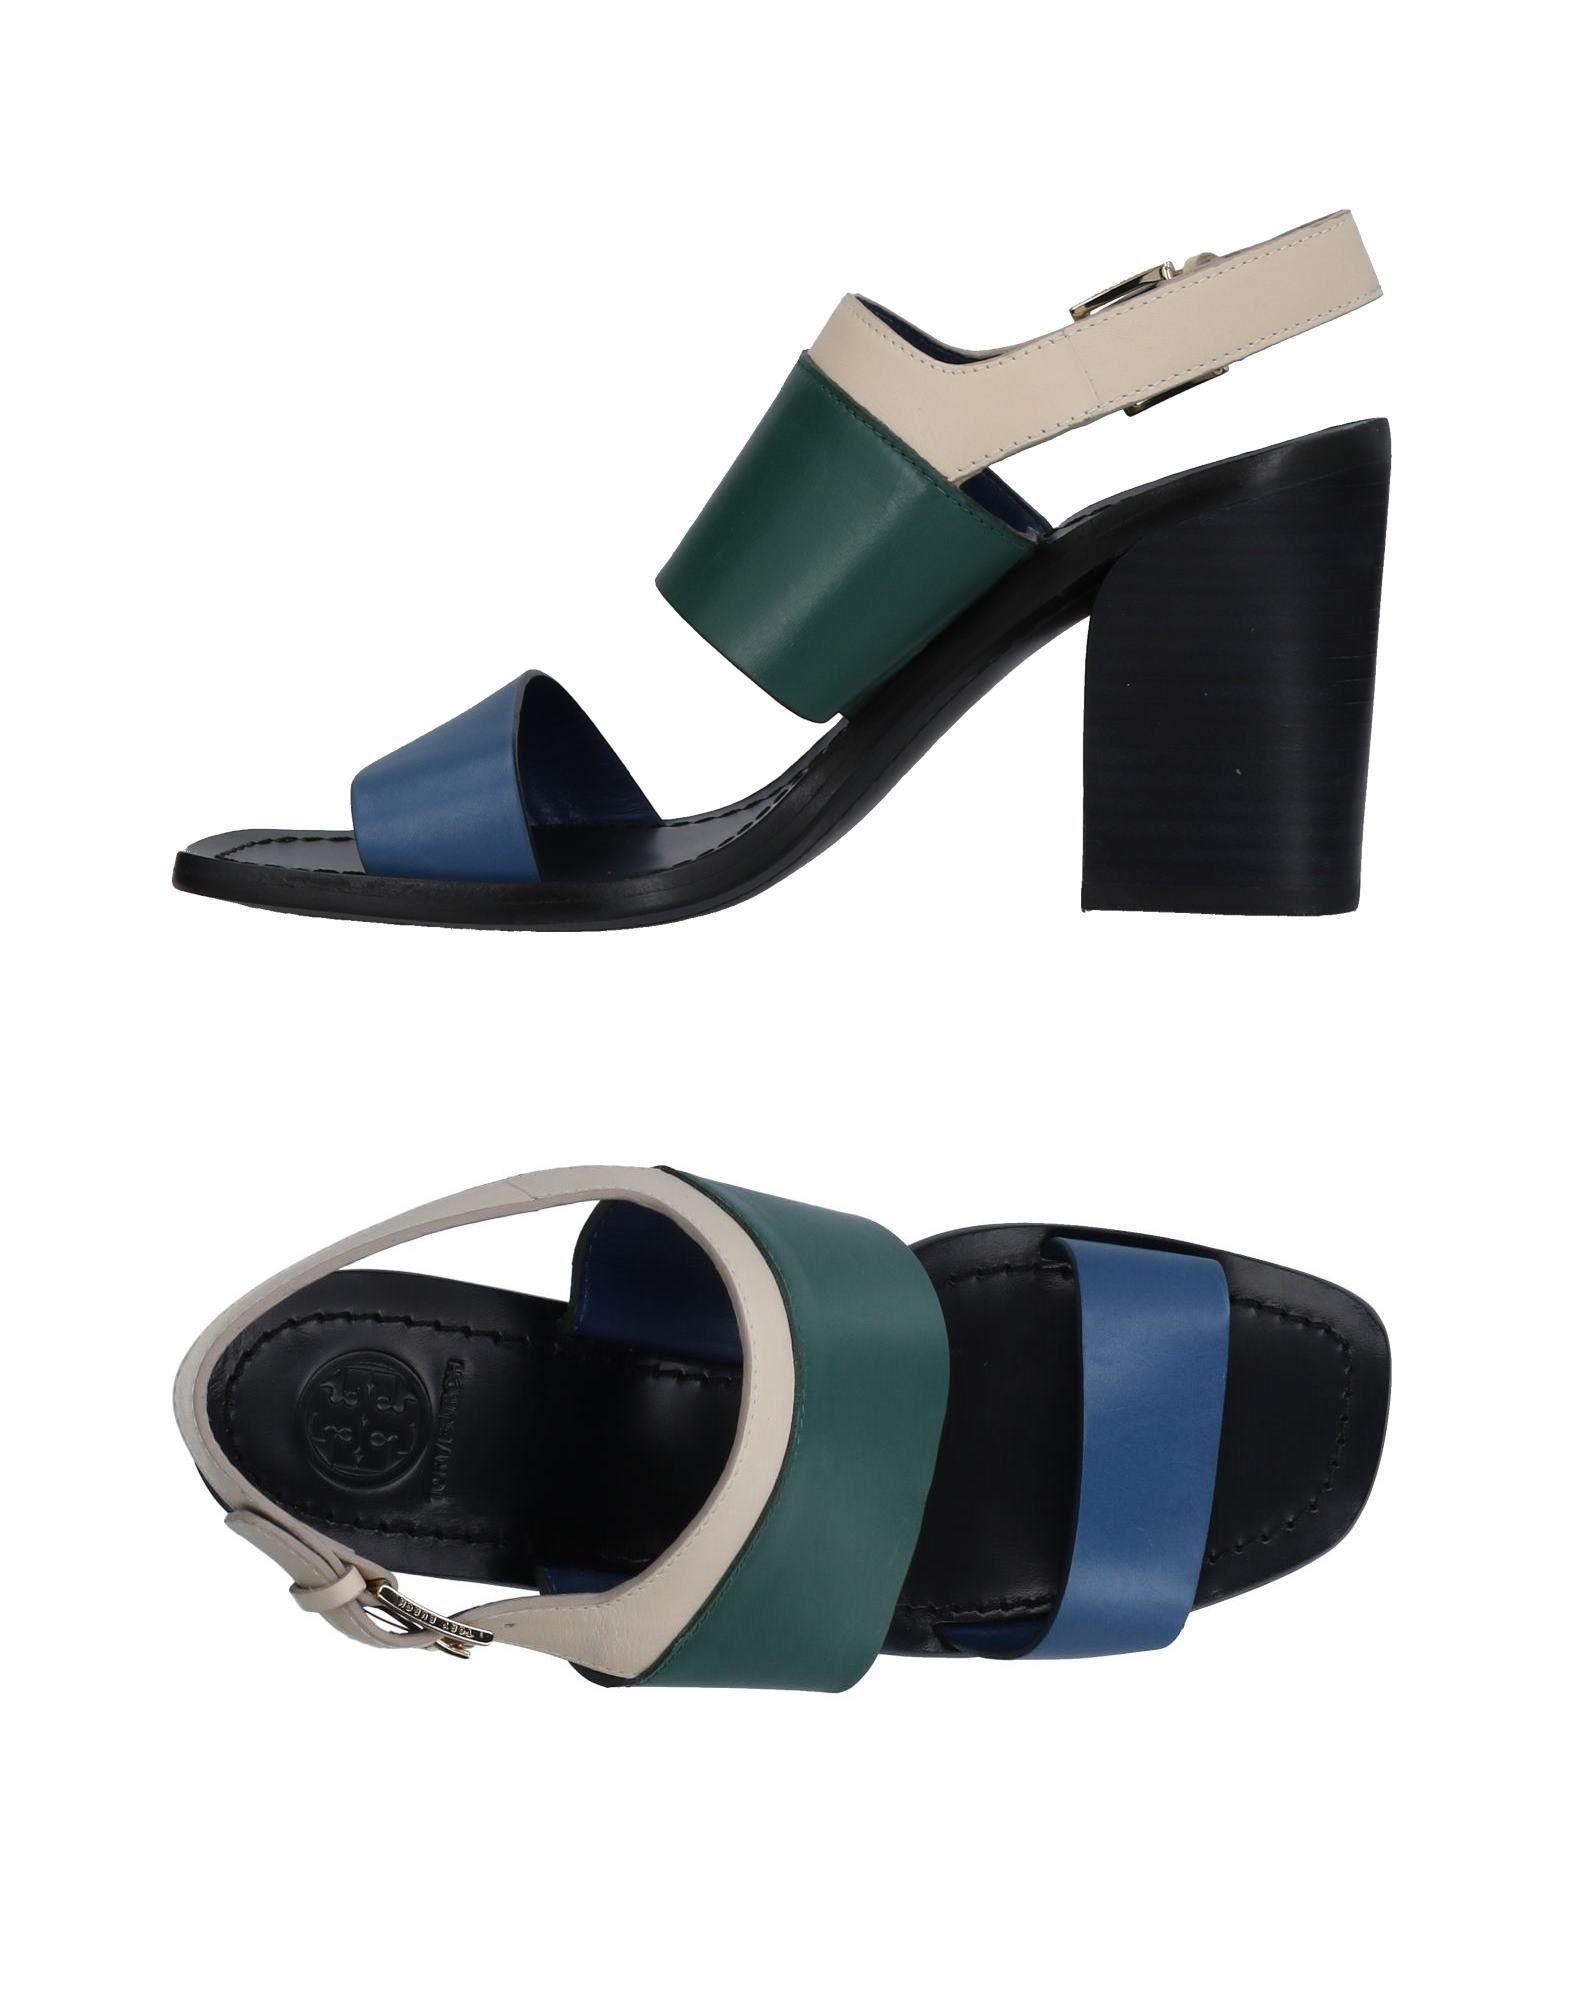 Tory Burch Sandals In Blue